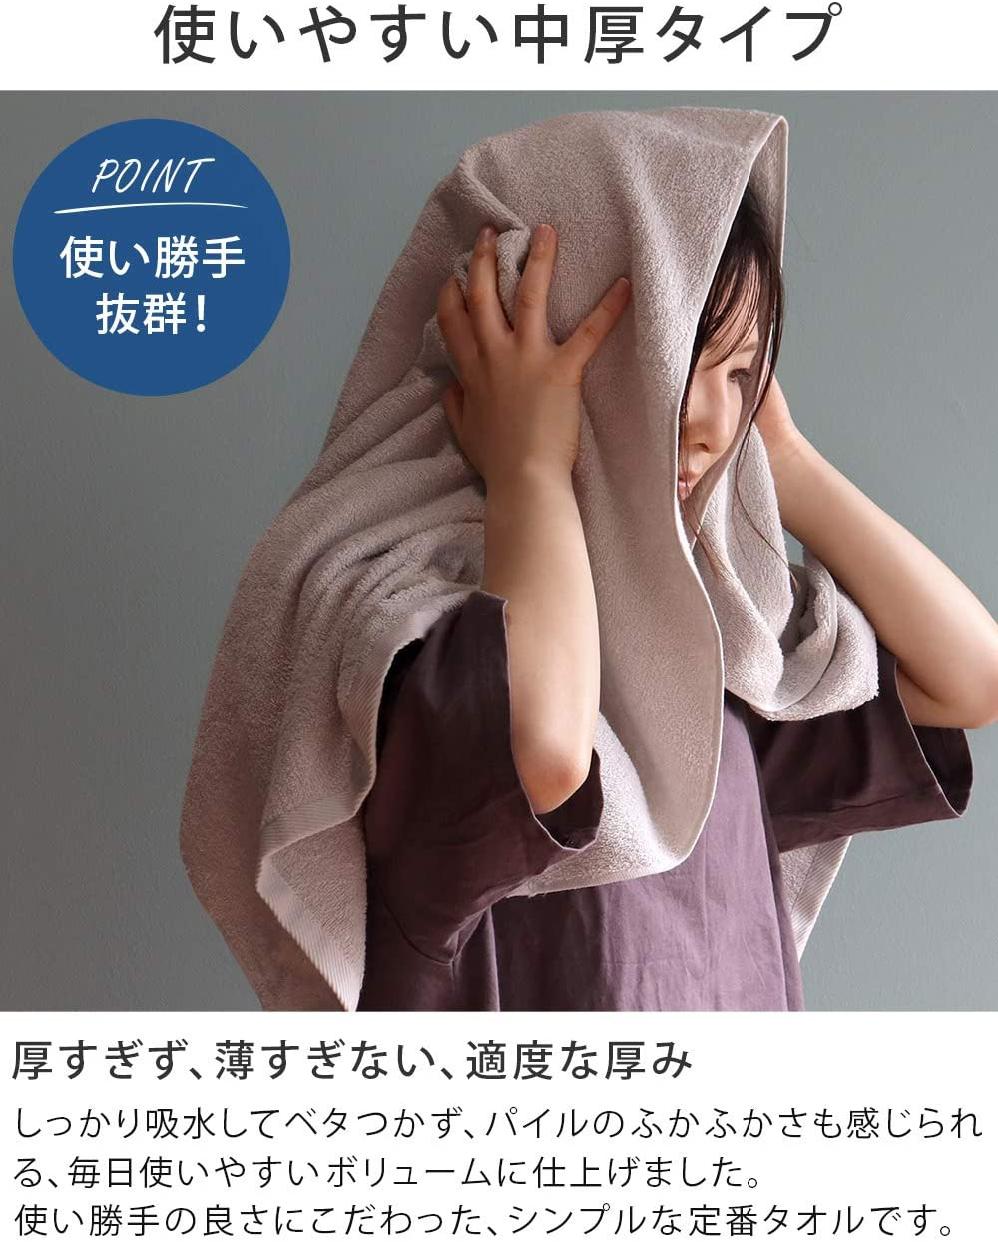 泉州タオル(センシュウタオル) バスタオル 日本製 業務用の商品画像5